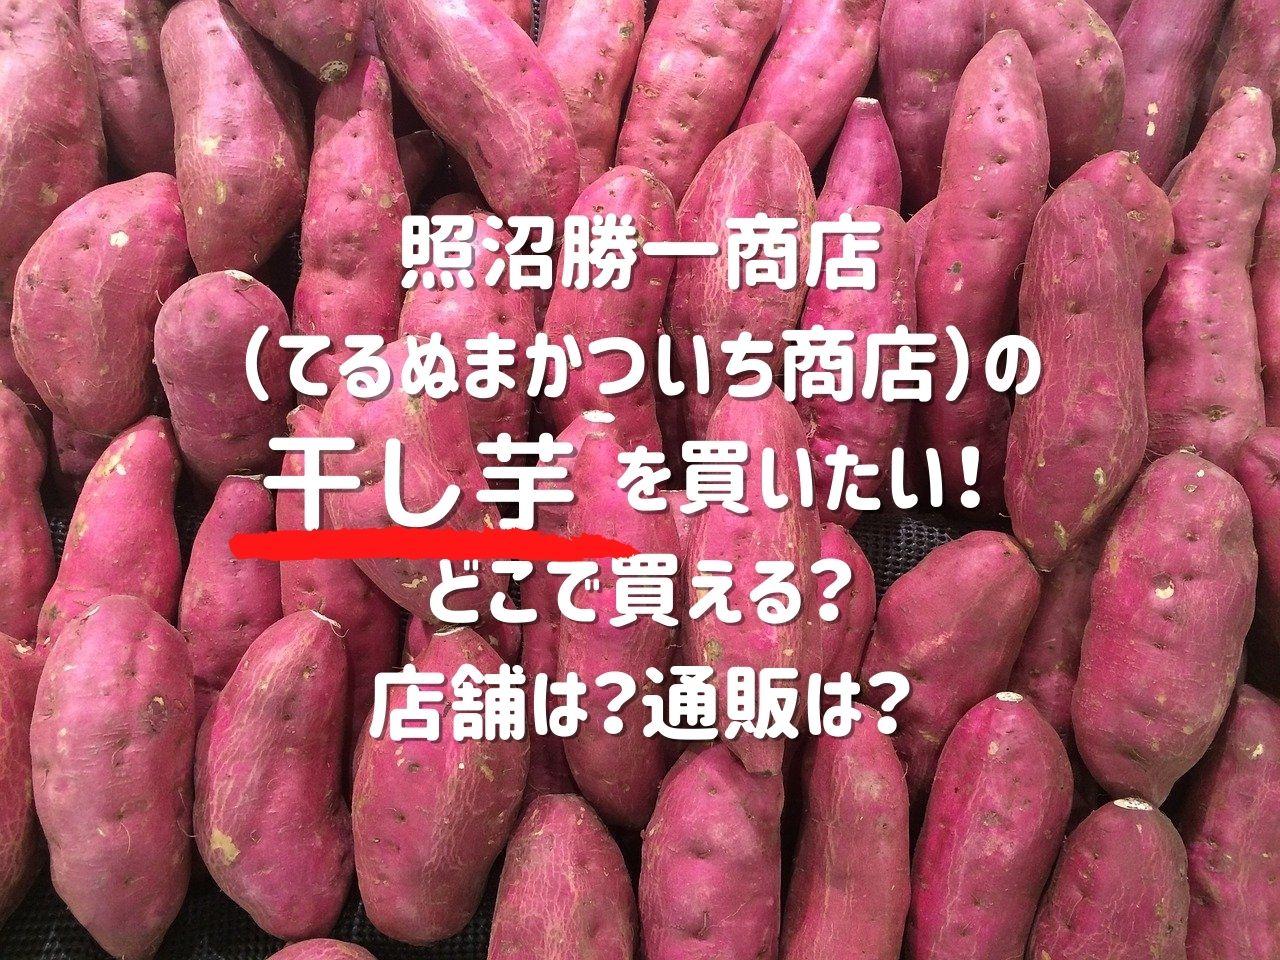 照沼勝一商店 てるぬまかついち商店 干し芋 購入方法 店舗 通販